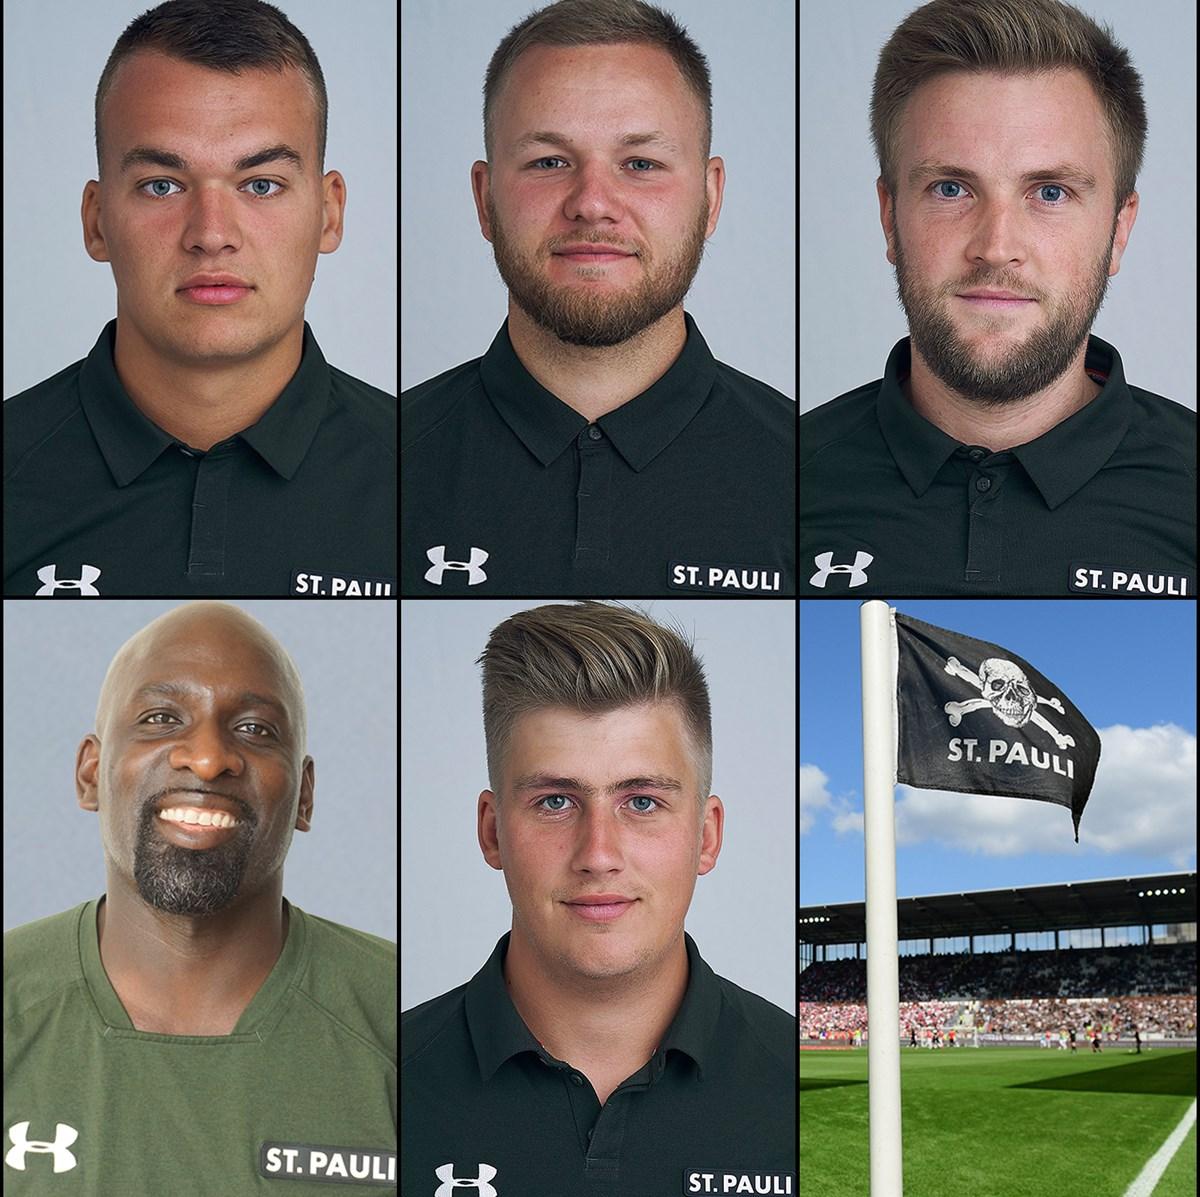 Die Trainer der U10-U14 von links nach rechts: Max Brockmann (U10), Philip Hauswerth (U11), Michel Welke (U12), Mac Mensah (U13) und Thorben Sahs (U14).